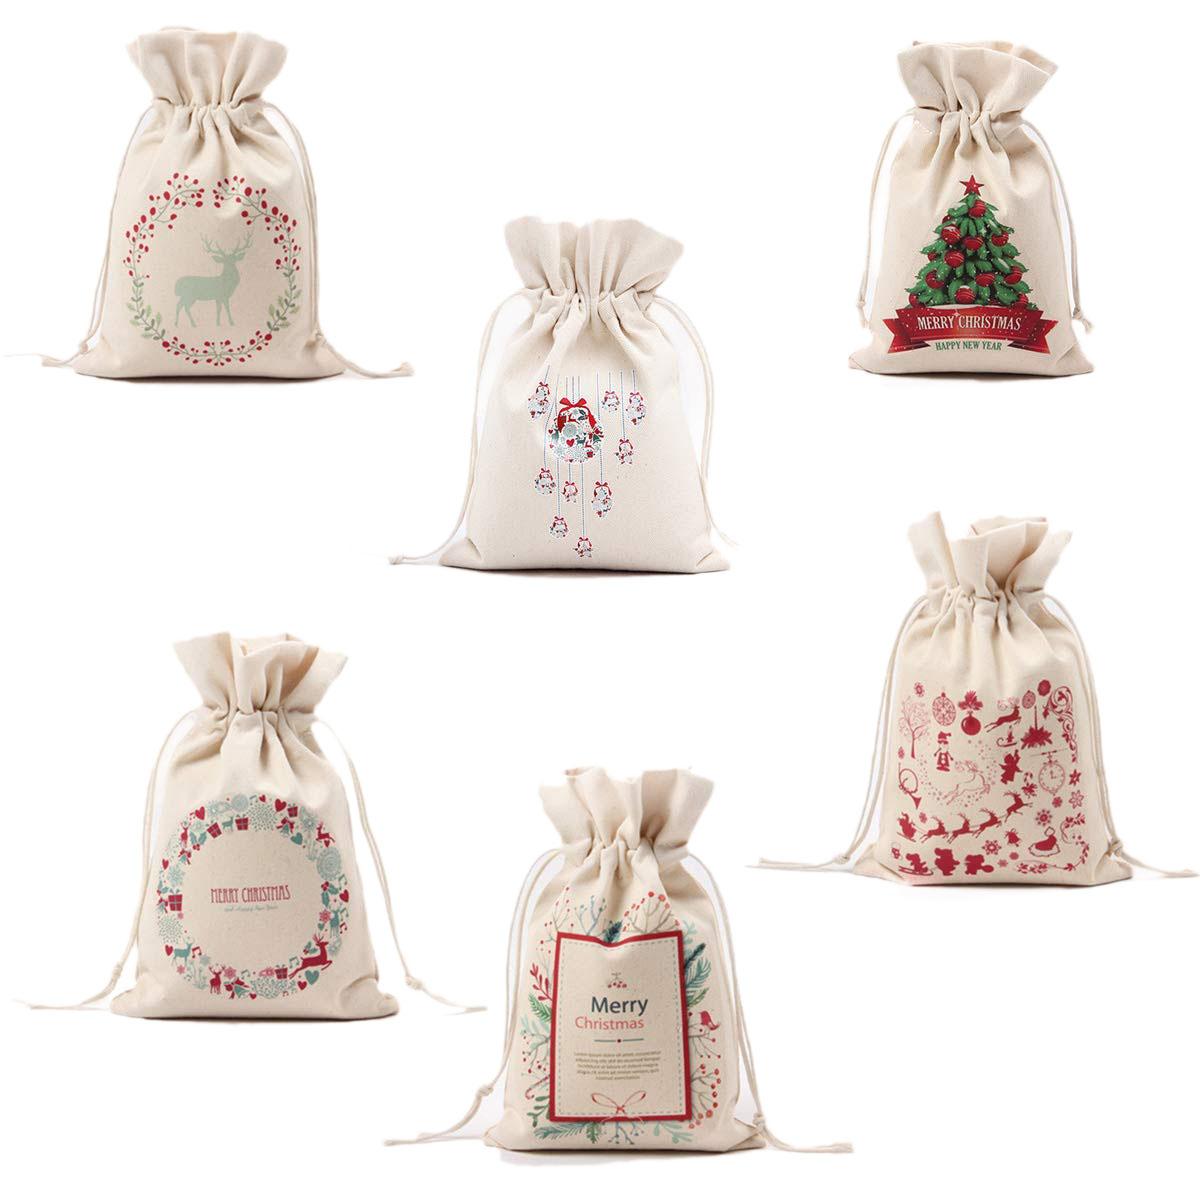 Подарочные льняные сумки в рождественском стиле размер 9.5 x 6.3 дюйма 6шт